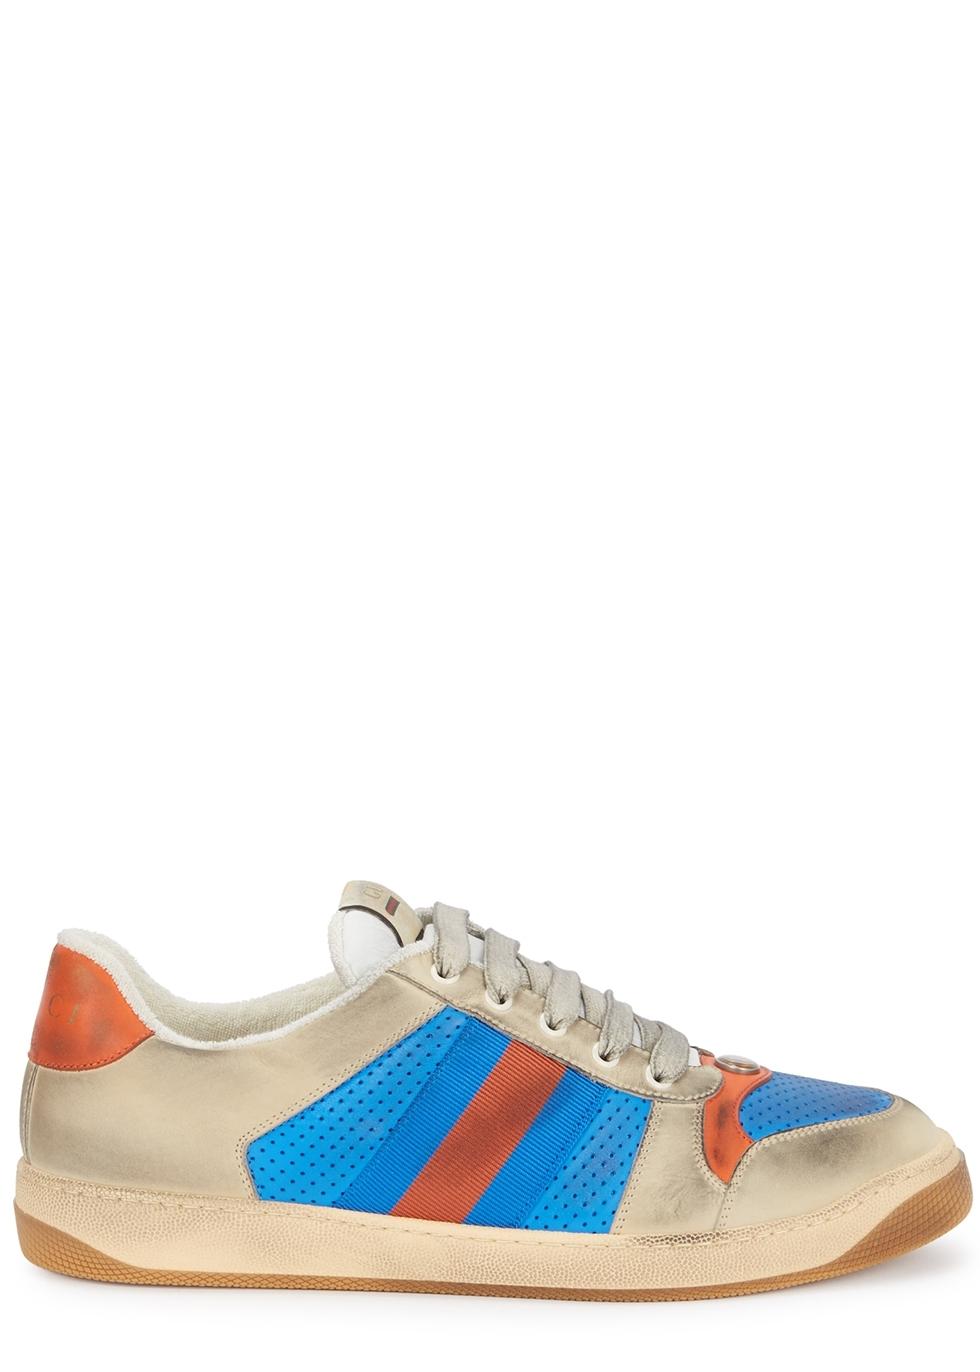 a8b38a6d56 Men s Designer Shoes - Men s Footwear - Harvey Nichols